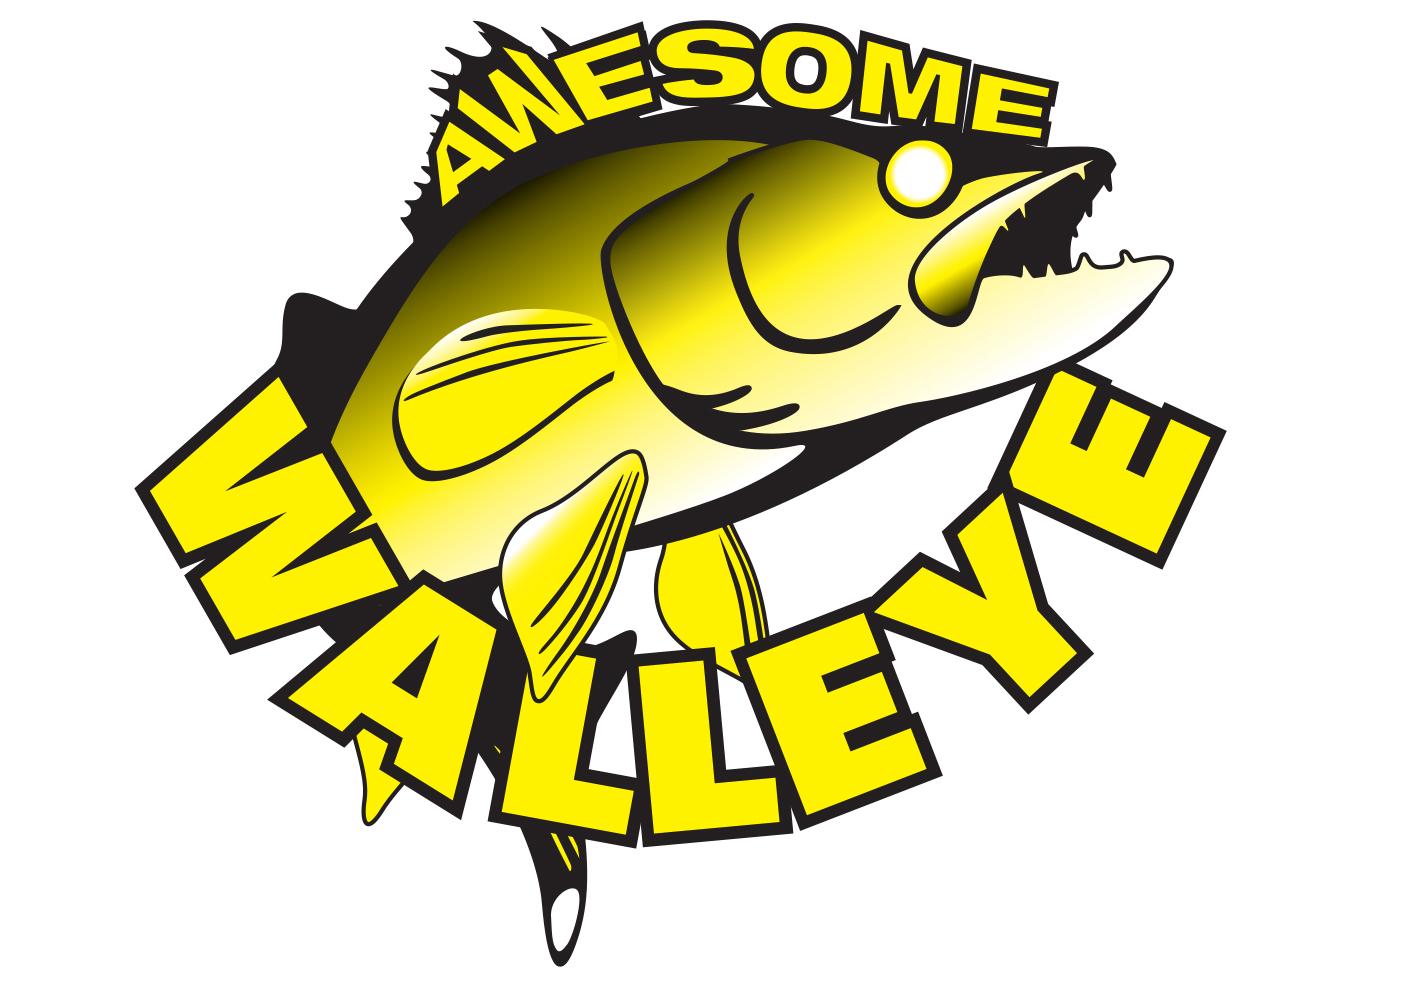 1406x992 Walleye Cartoon Images